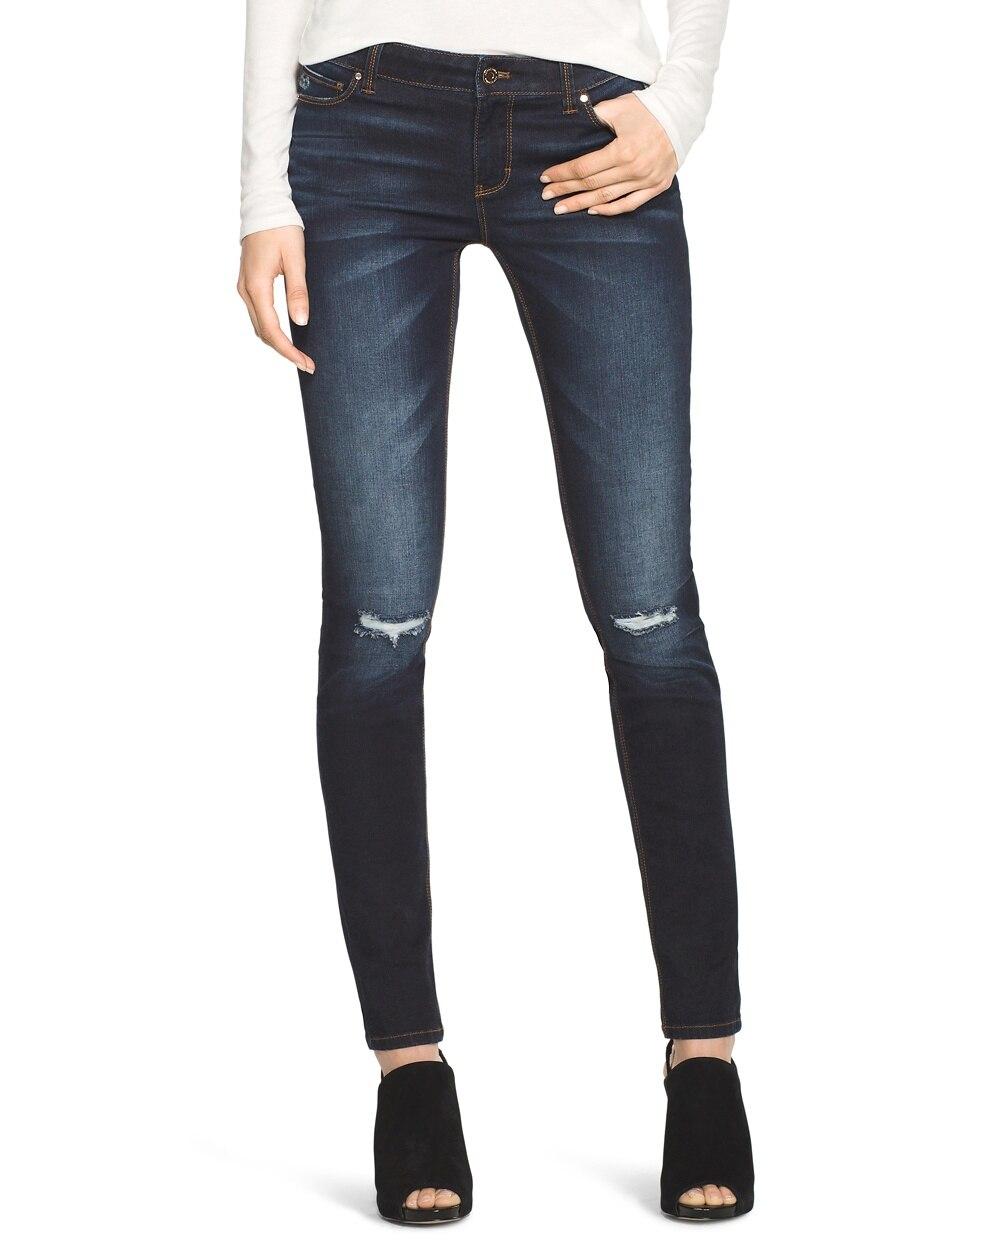 a16289d83c8b7 Shop Jeans - Women's Jeans & Pants - White House Black Market